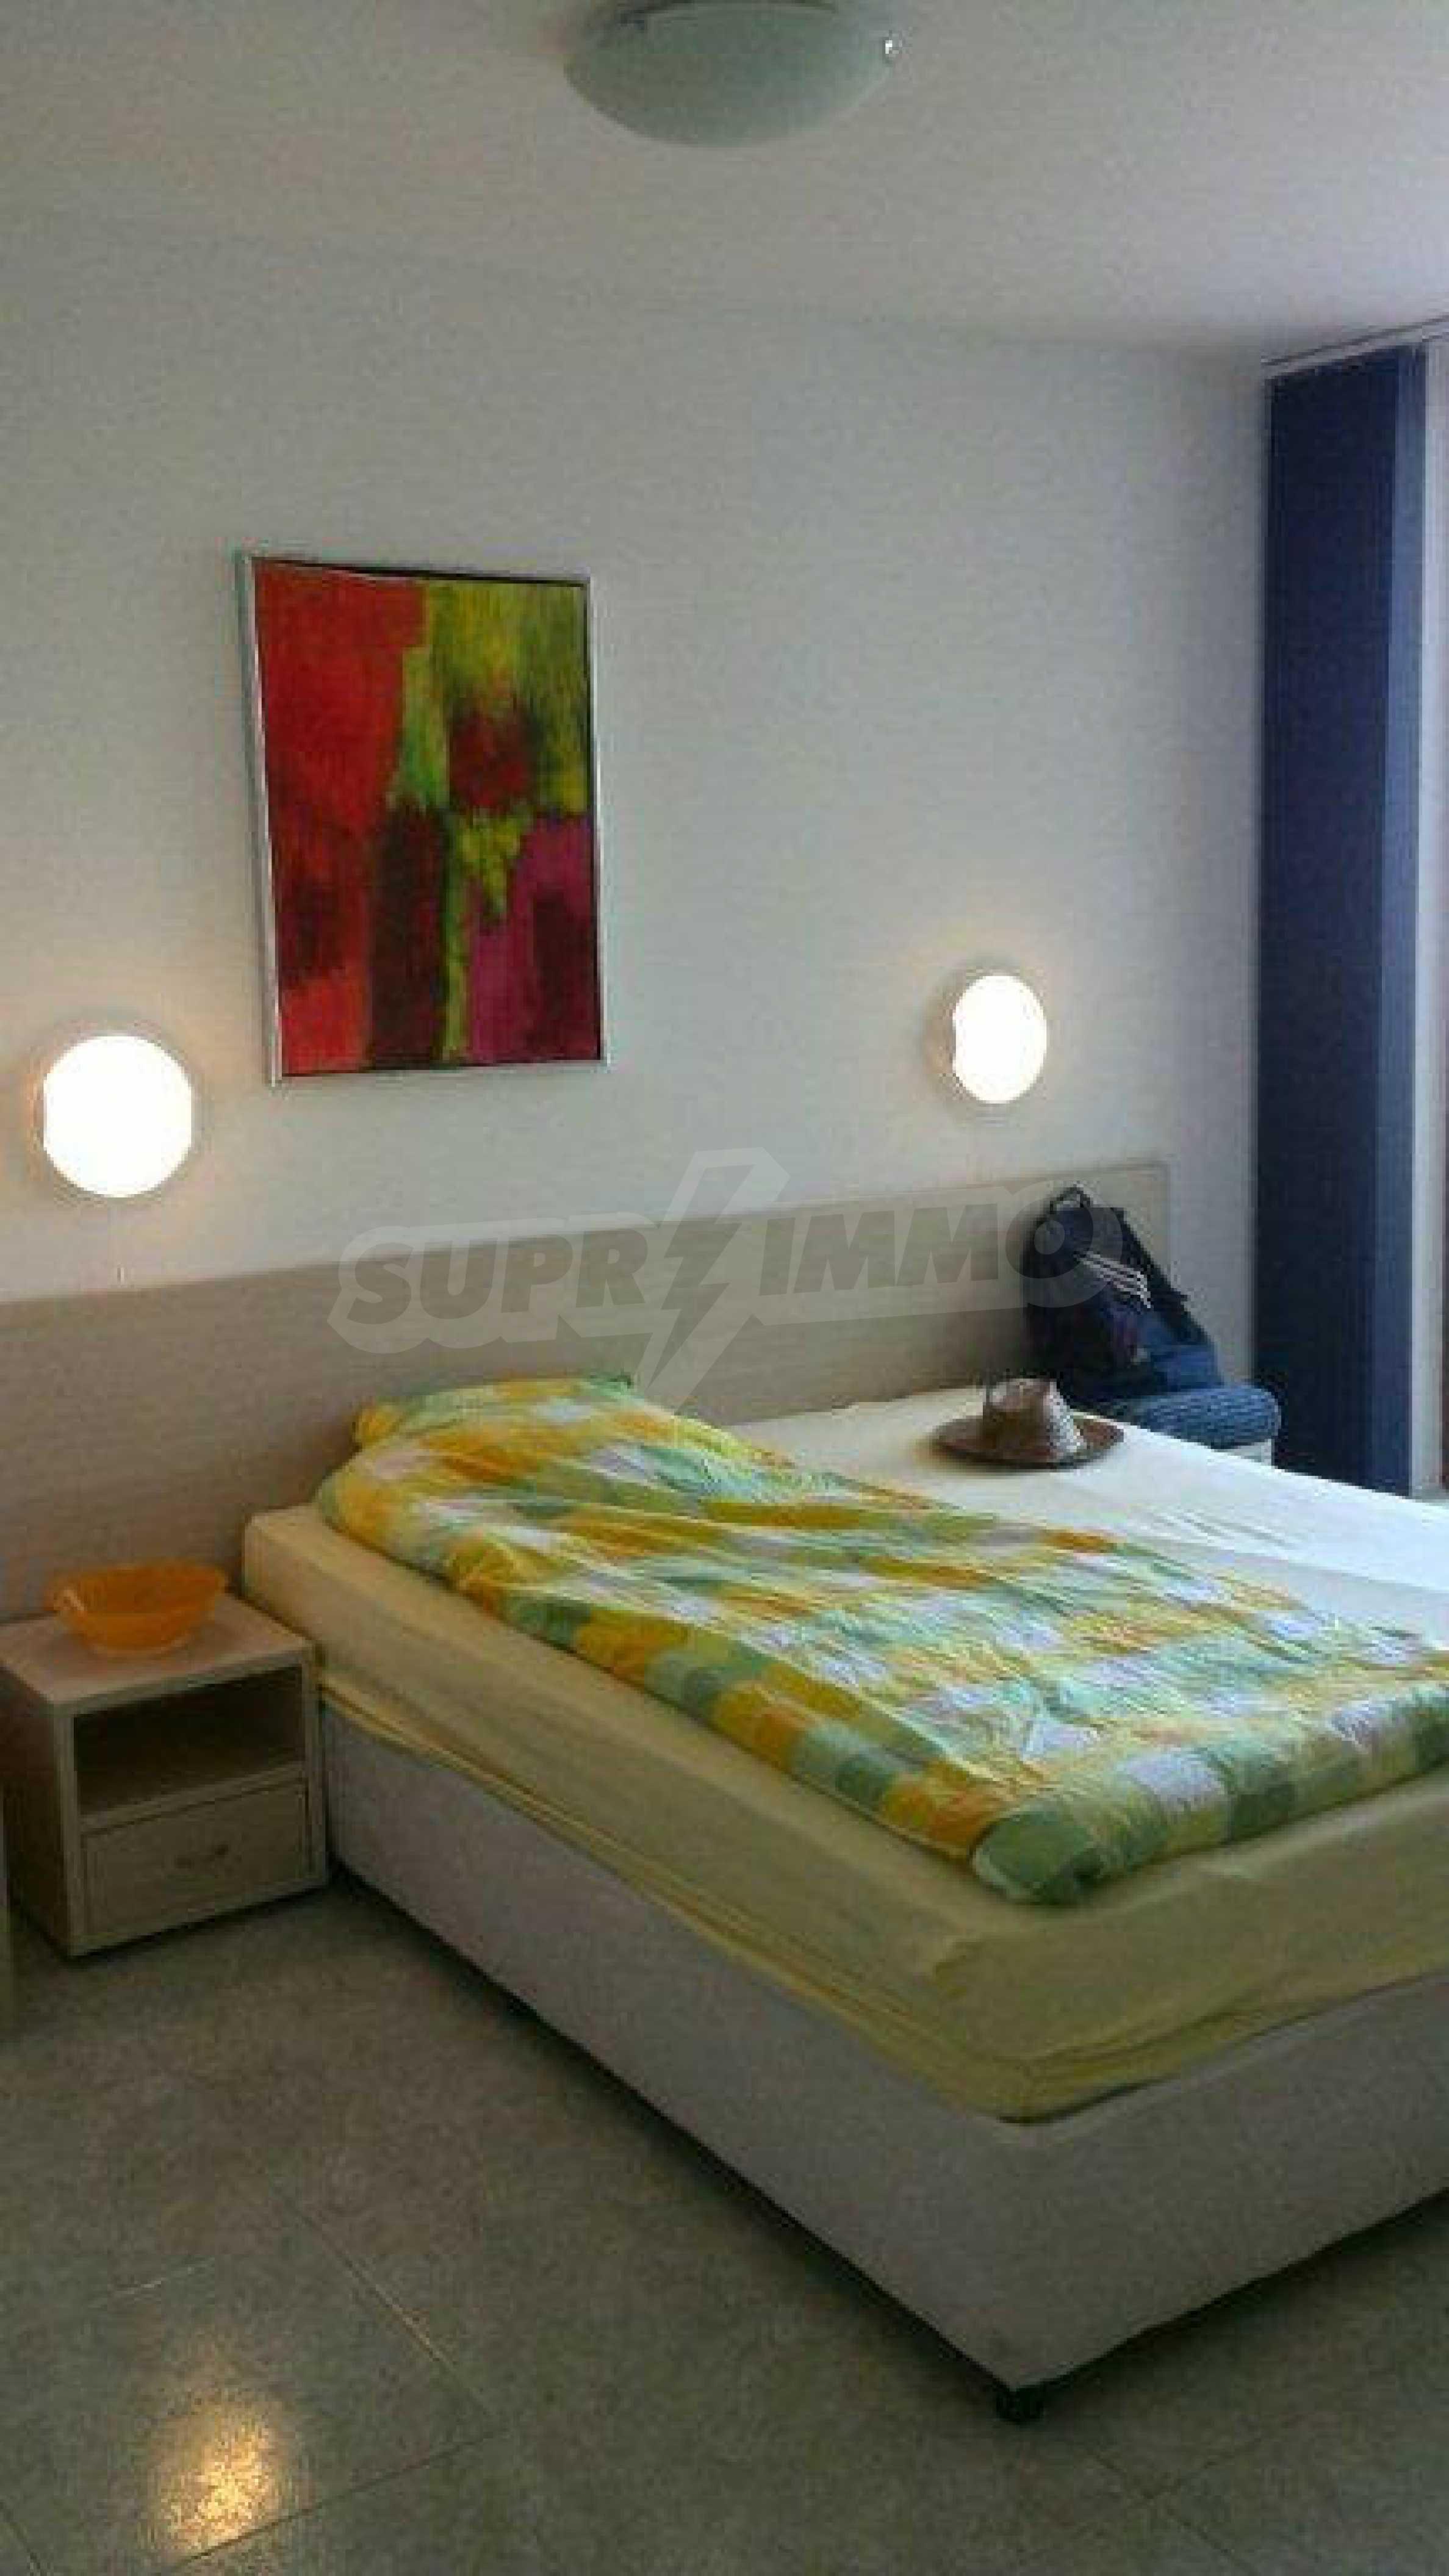 Luxus-Apartment mit zwei Schlafzimmern im Komplex Prestige City 2 in Primorsko 7